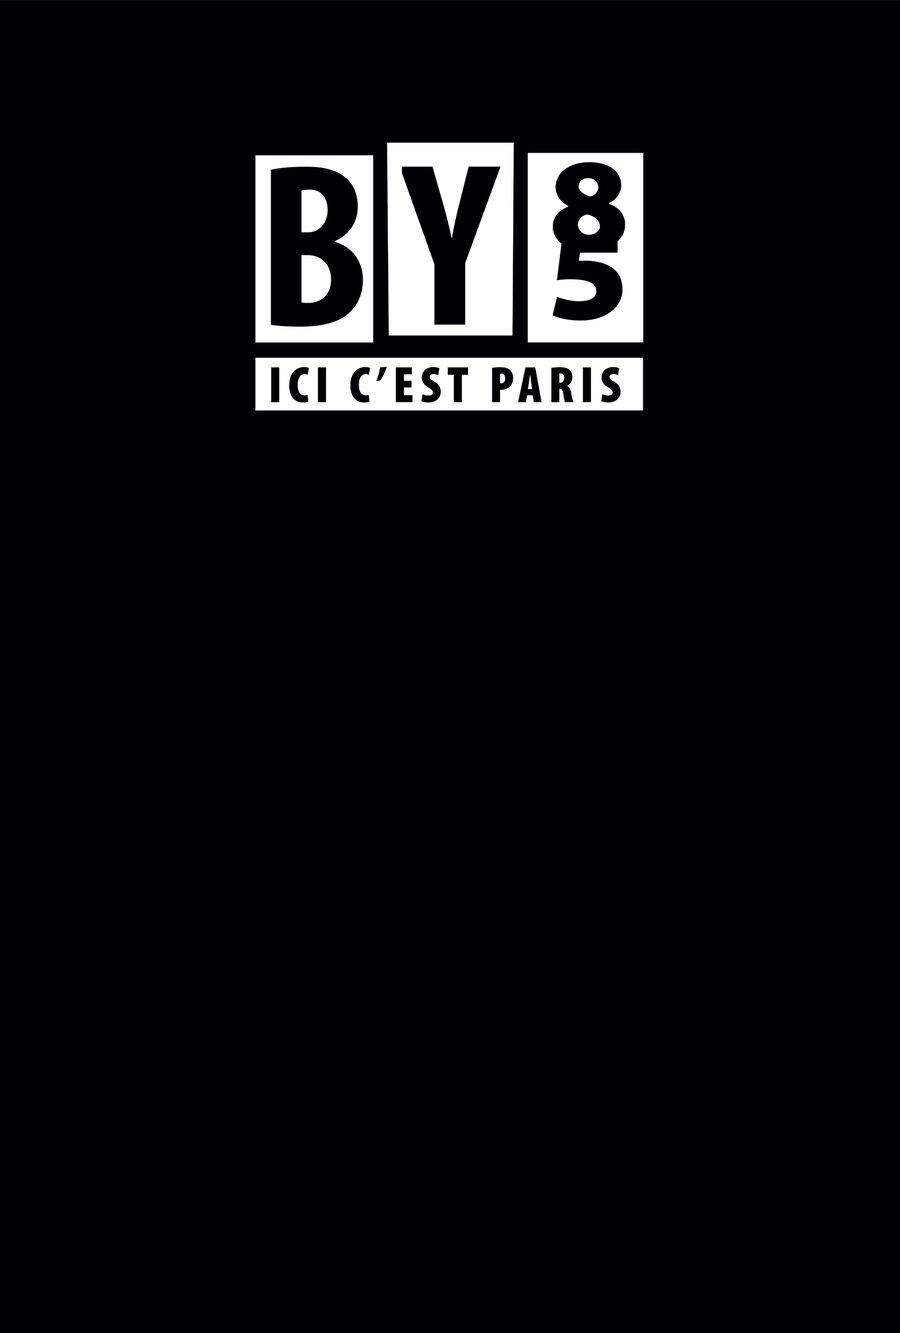 Image of ICI C'EST PARIS - BadYear85